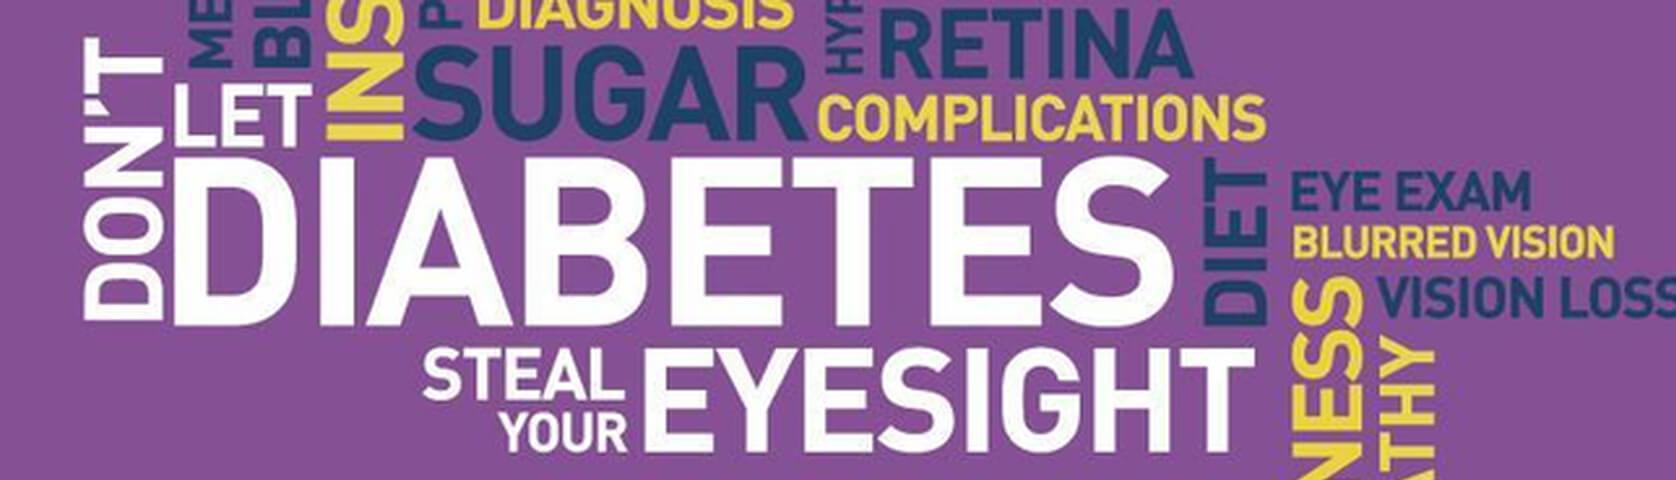 1diabetes awareness word cloud fb cover